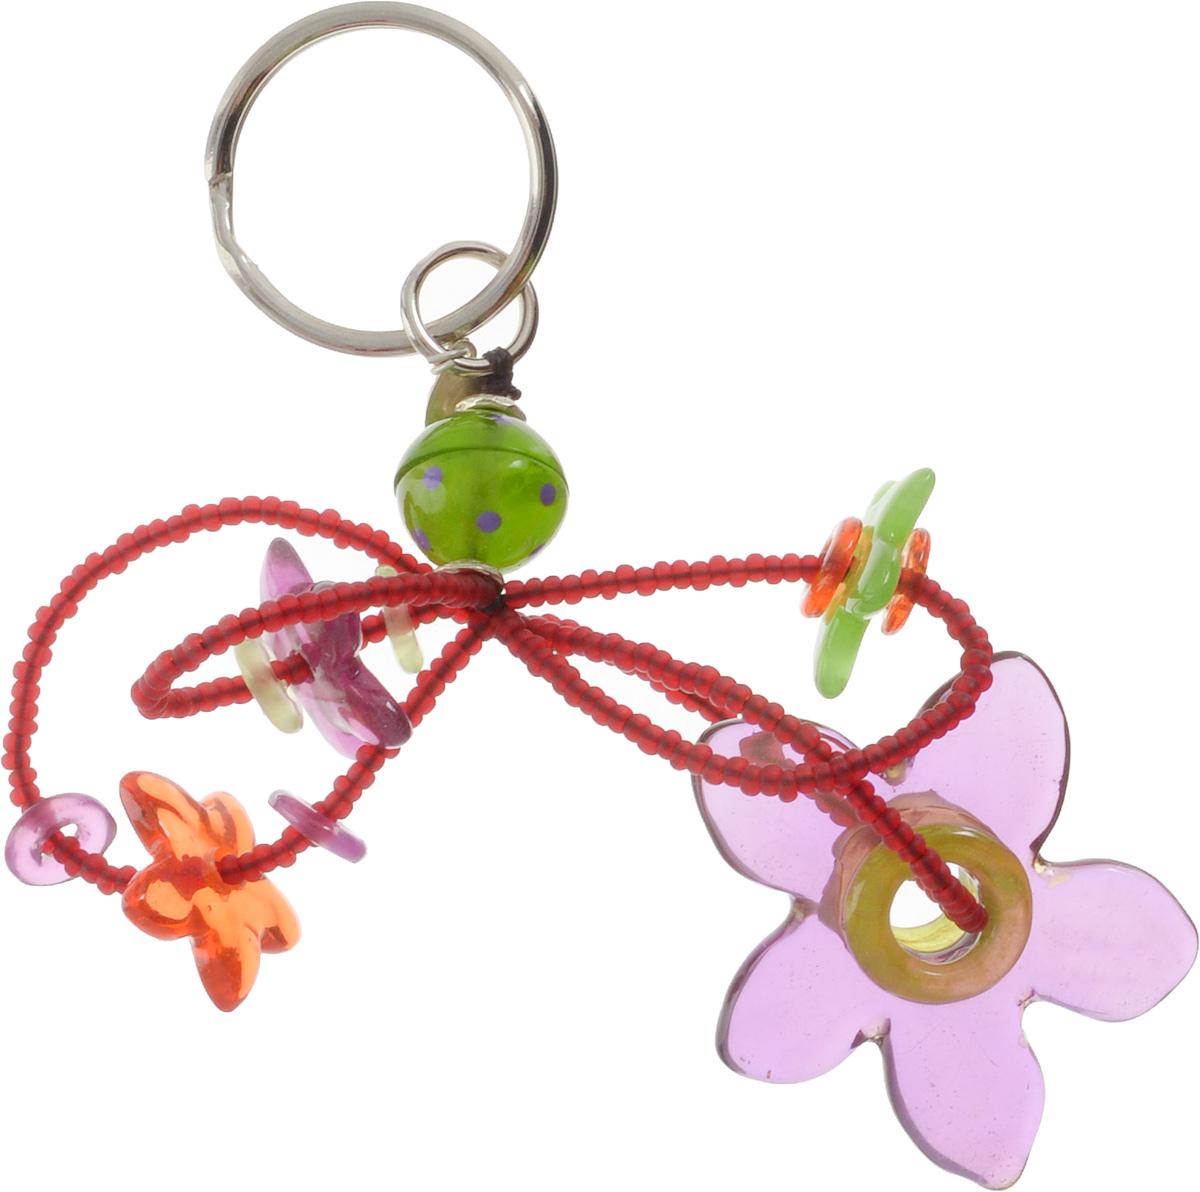 Брелок Lalo Treasures, цвет: сиреневый, зеленый. KR4866KR4866Брелок Lalo Treasures изготовлен из ювелирной смолы ярких цветов. Он оформлен подвесными цветочками и крепится к кольцу с помощью крепкого шнурка. Оригинальный брелок подчеркнет вашу индивидуальность, а также станет отличным подарком для любительниц модных новинок в мире аксессуаров.